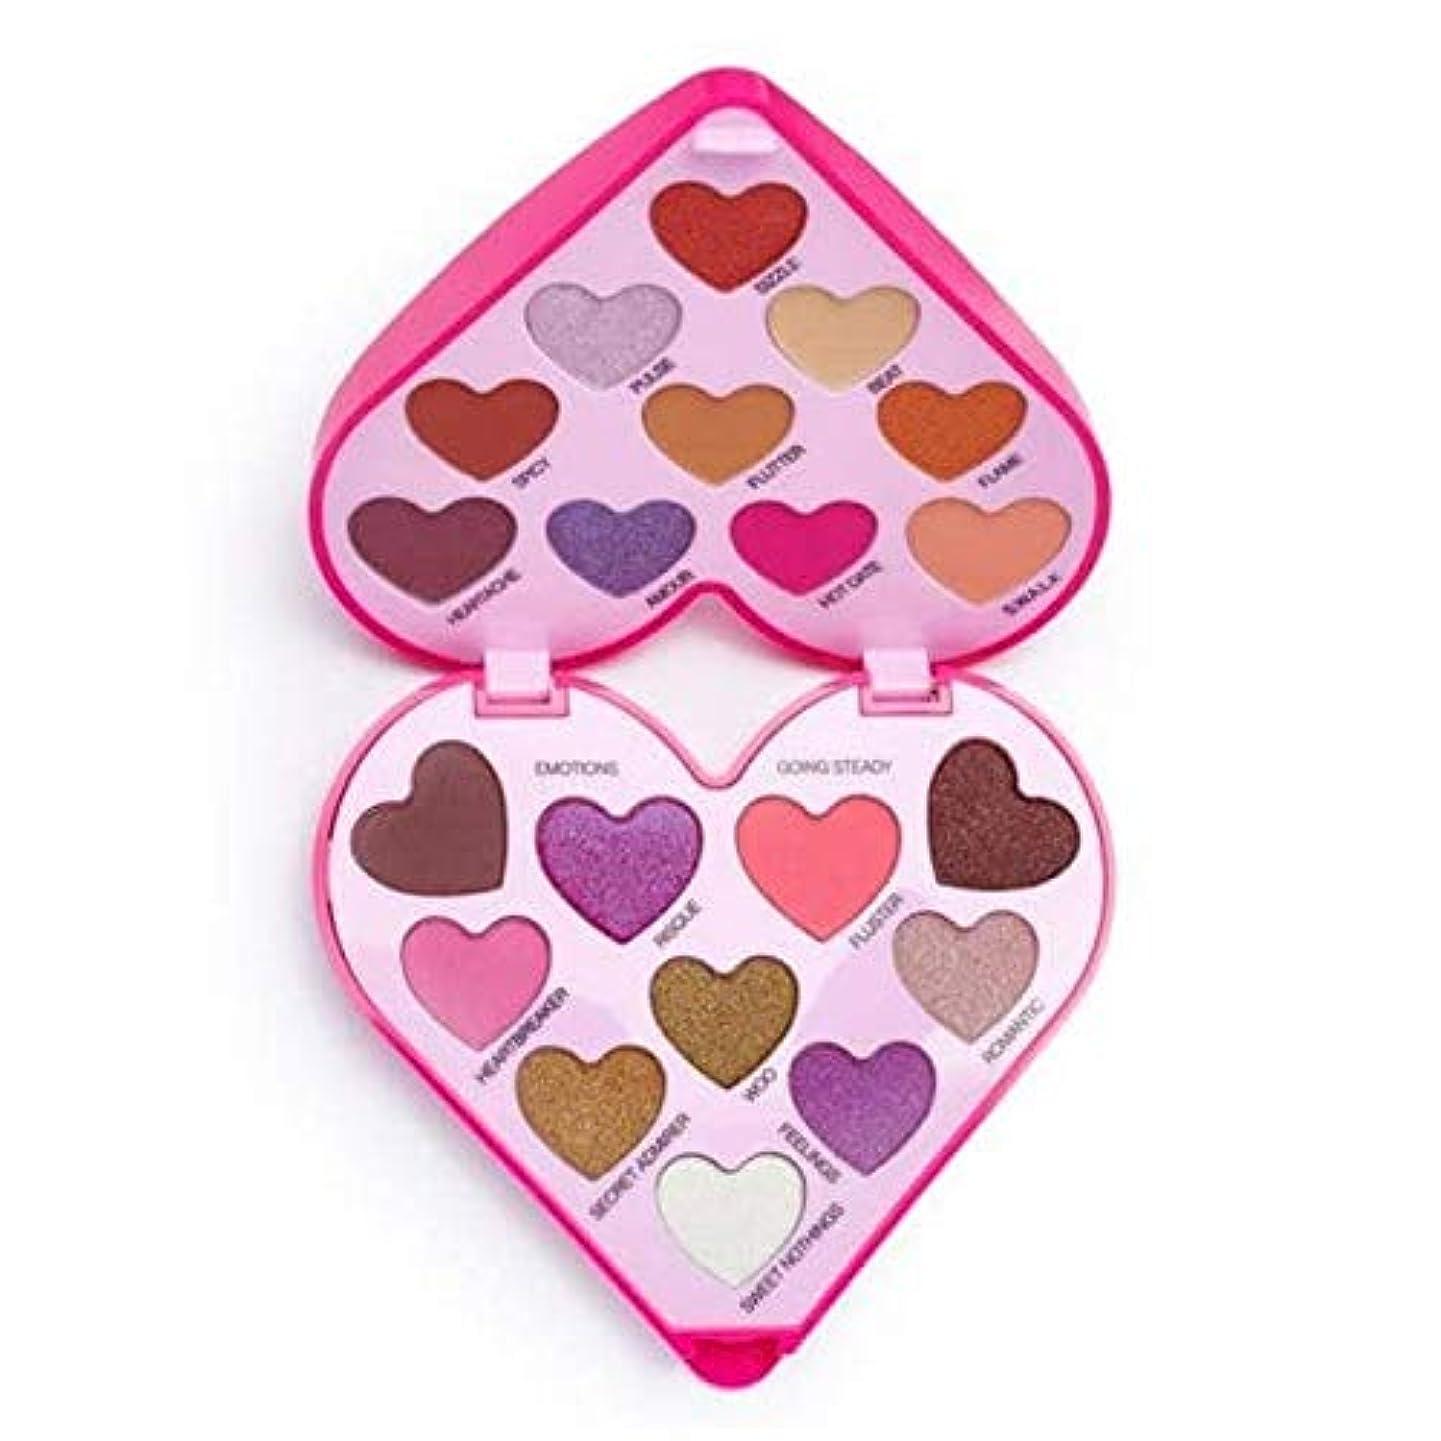 眩惑する本質的に記念日[I Heart Revolution ] 私は心の革命のハートビートアイシャドウパレット - I Heart Revolution Heartbeat Eye Shadow Palette [並行輸入品]